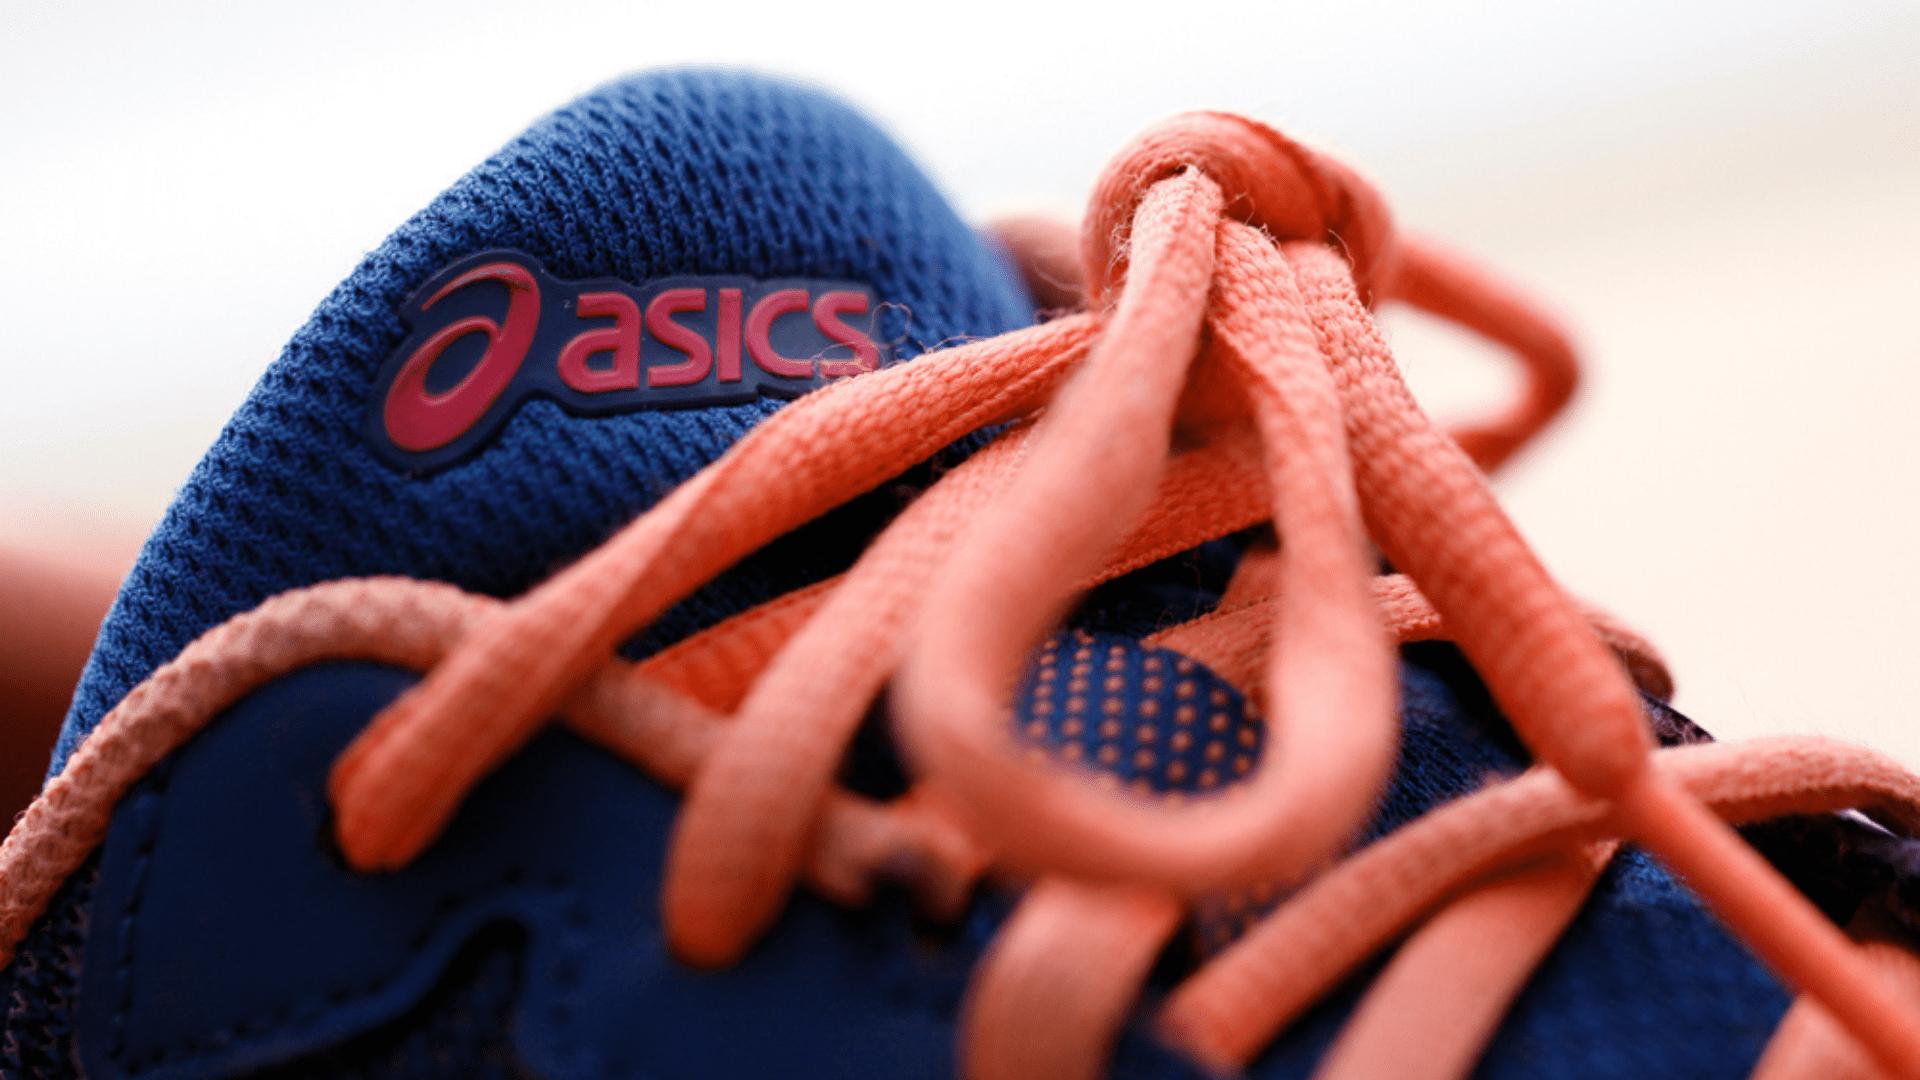 Veja a nossa seleção dos melhores tênis da Asics para corrida para comprar em 2020! (Imagem: Reprodução/Shutterstock)